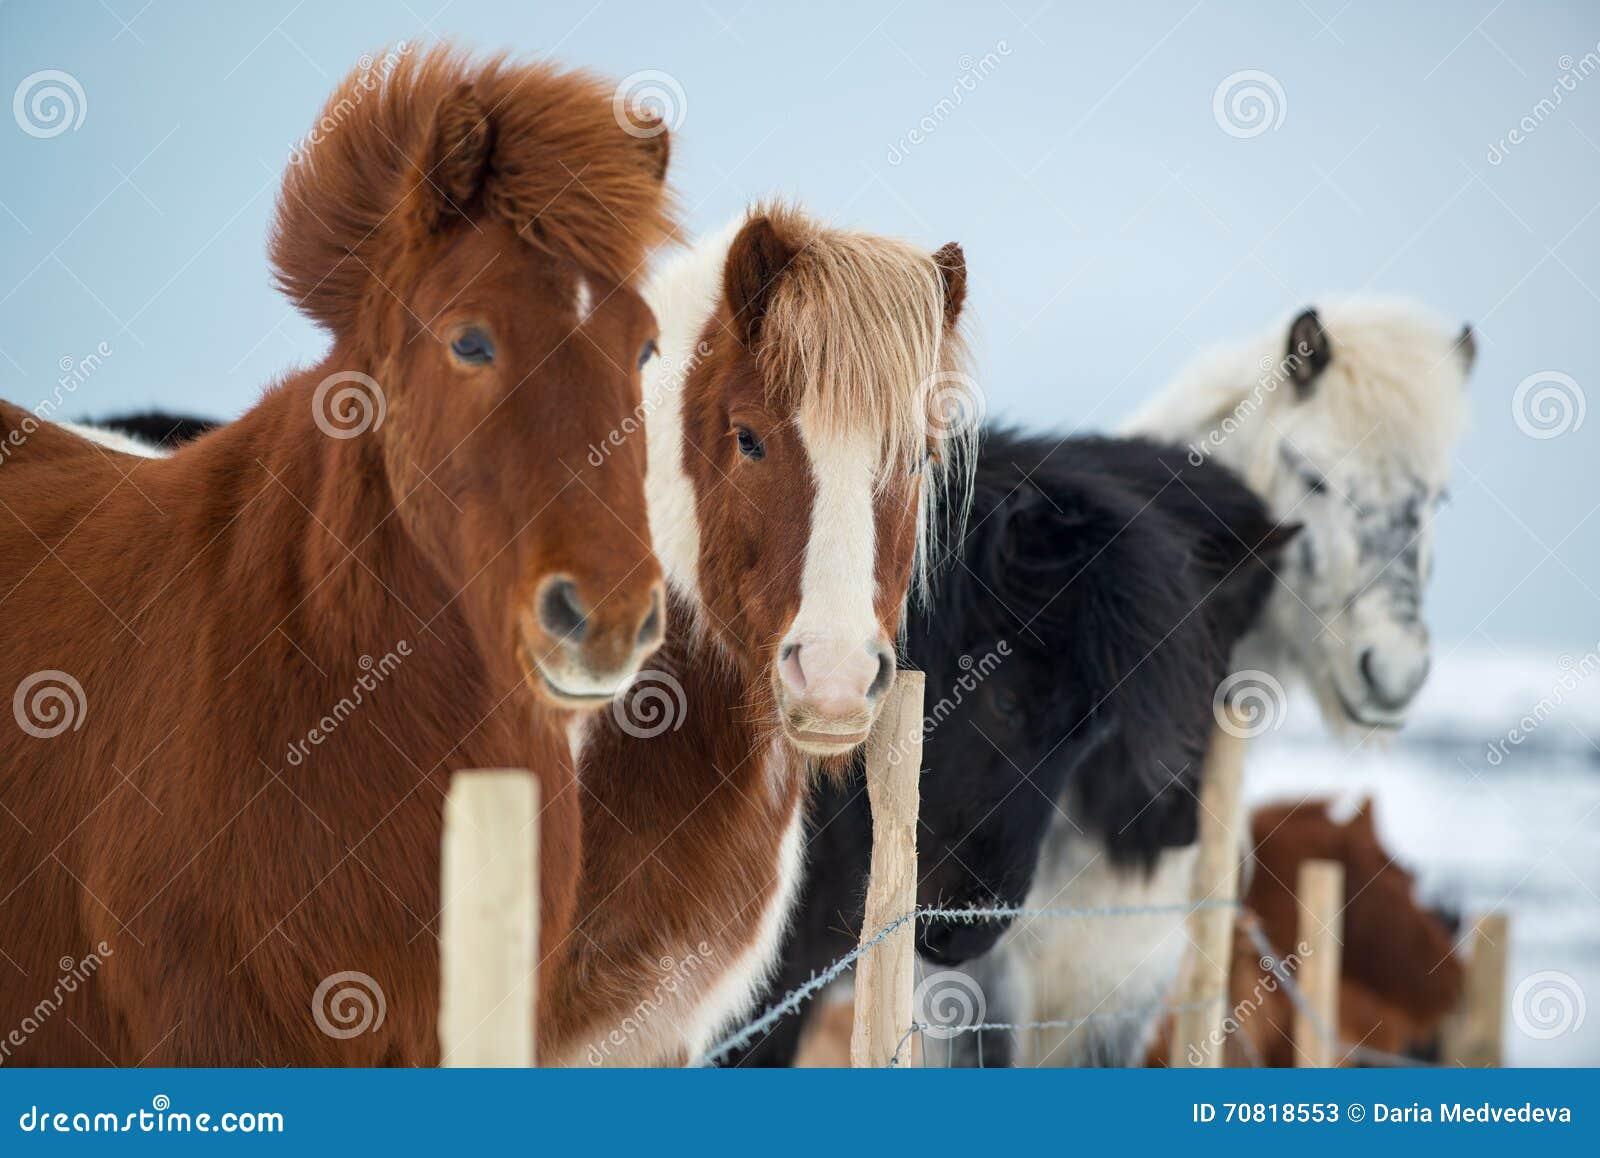 美丽的冰岛马在冬天,冰岛